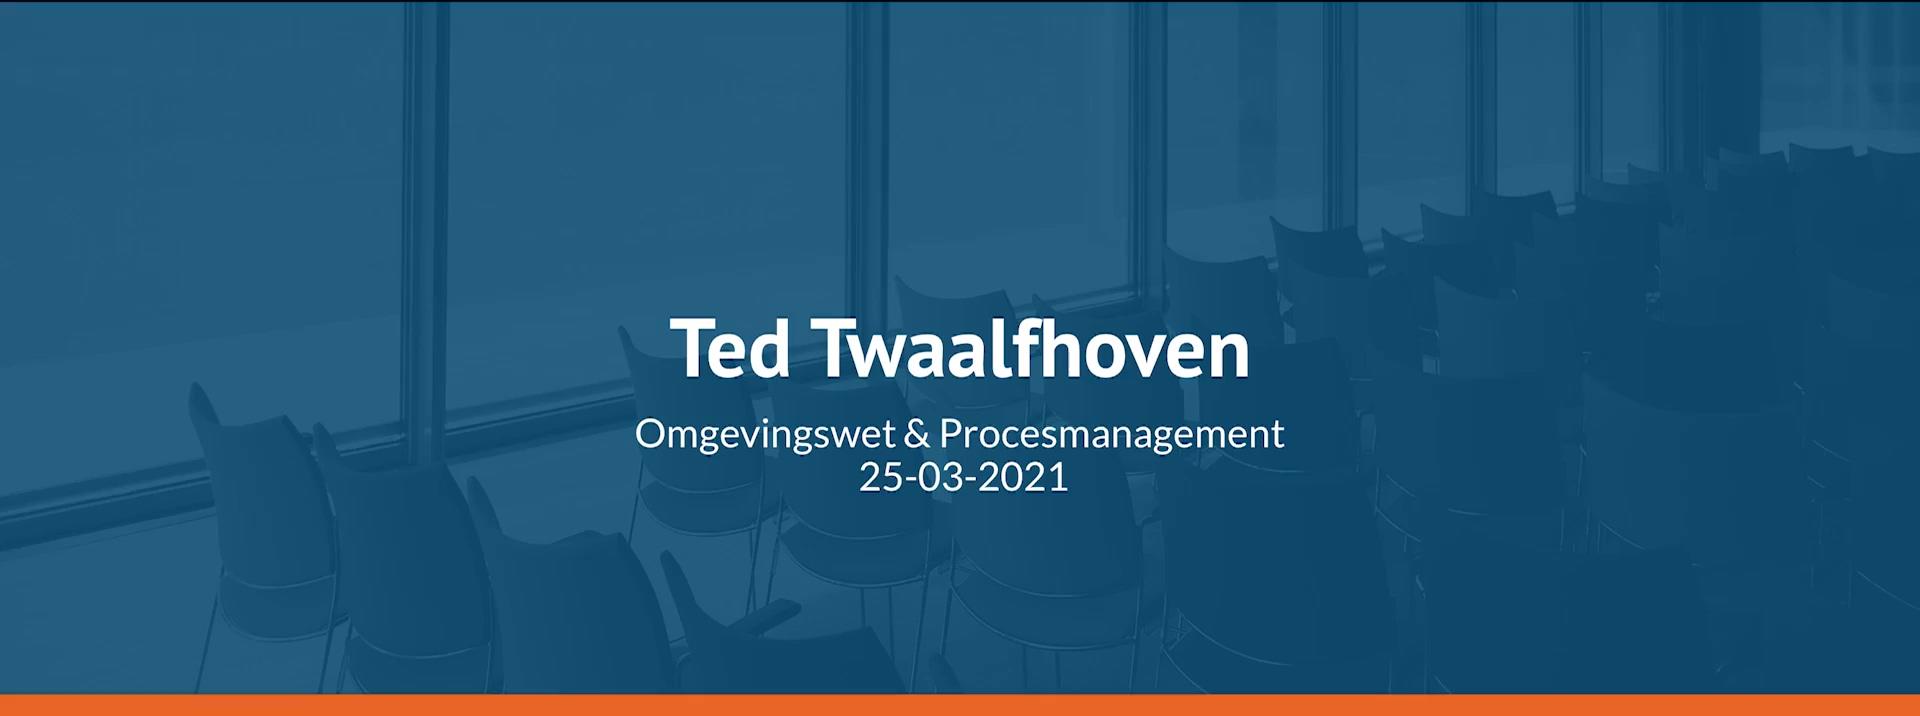 Video Omgevingswet Ted